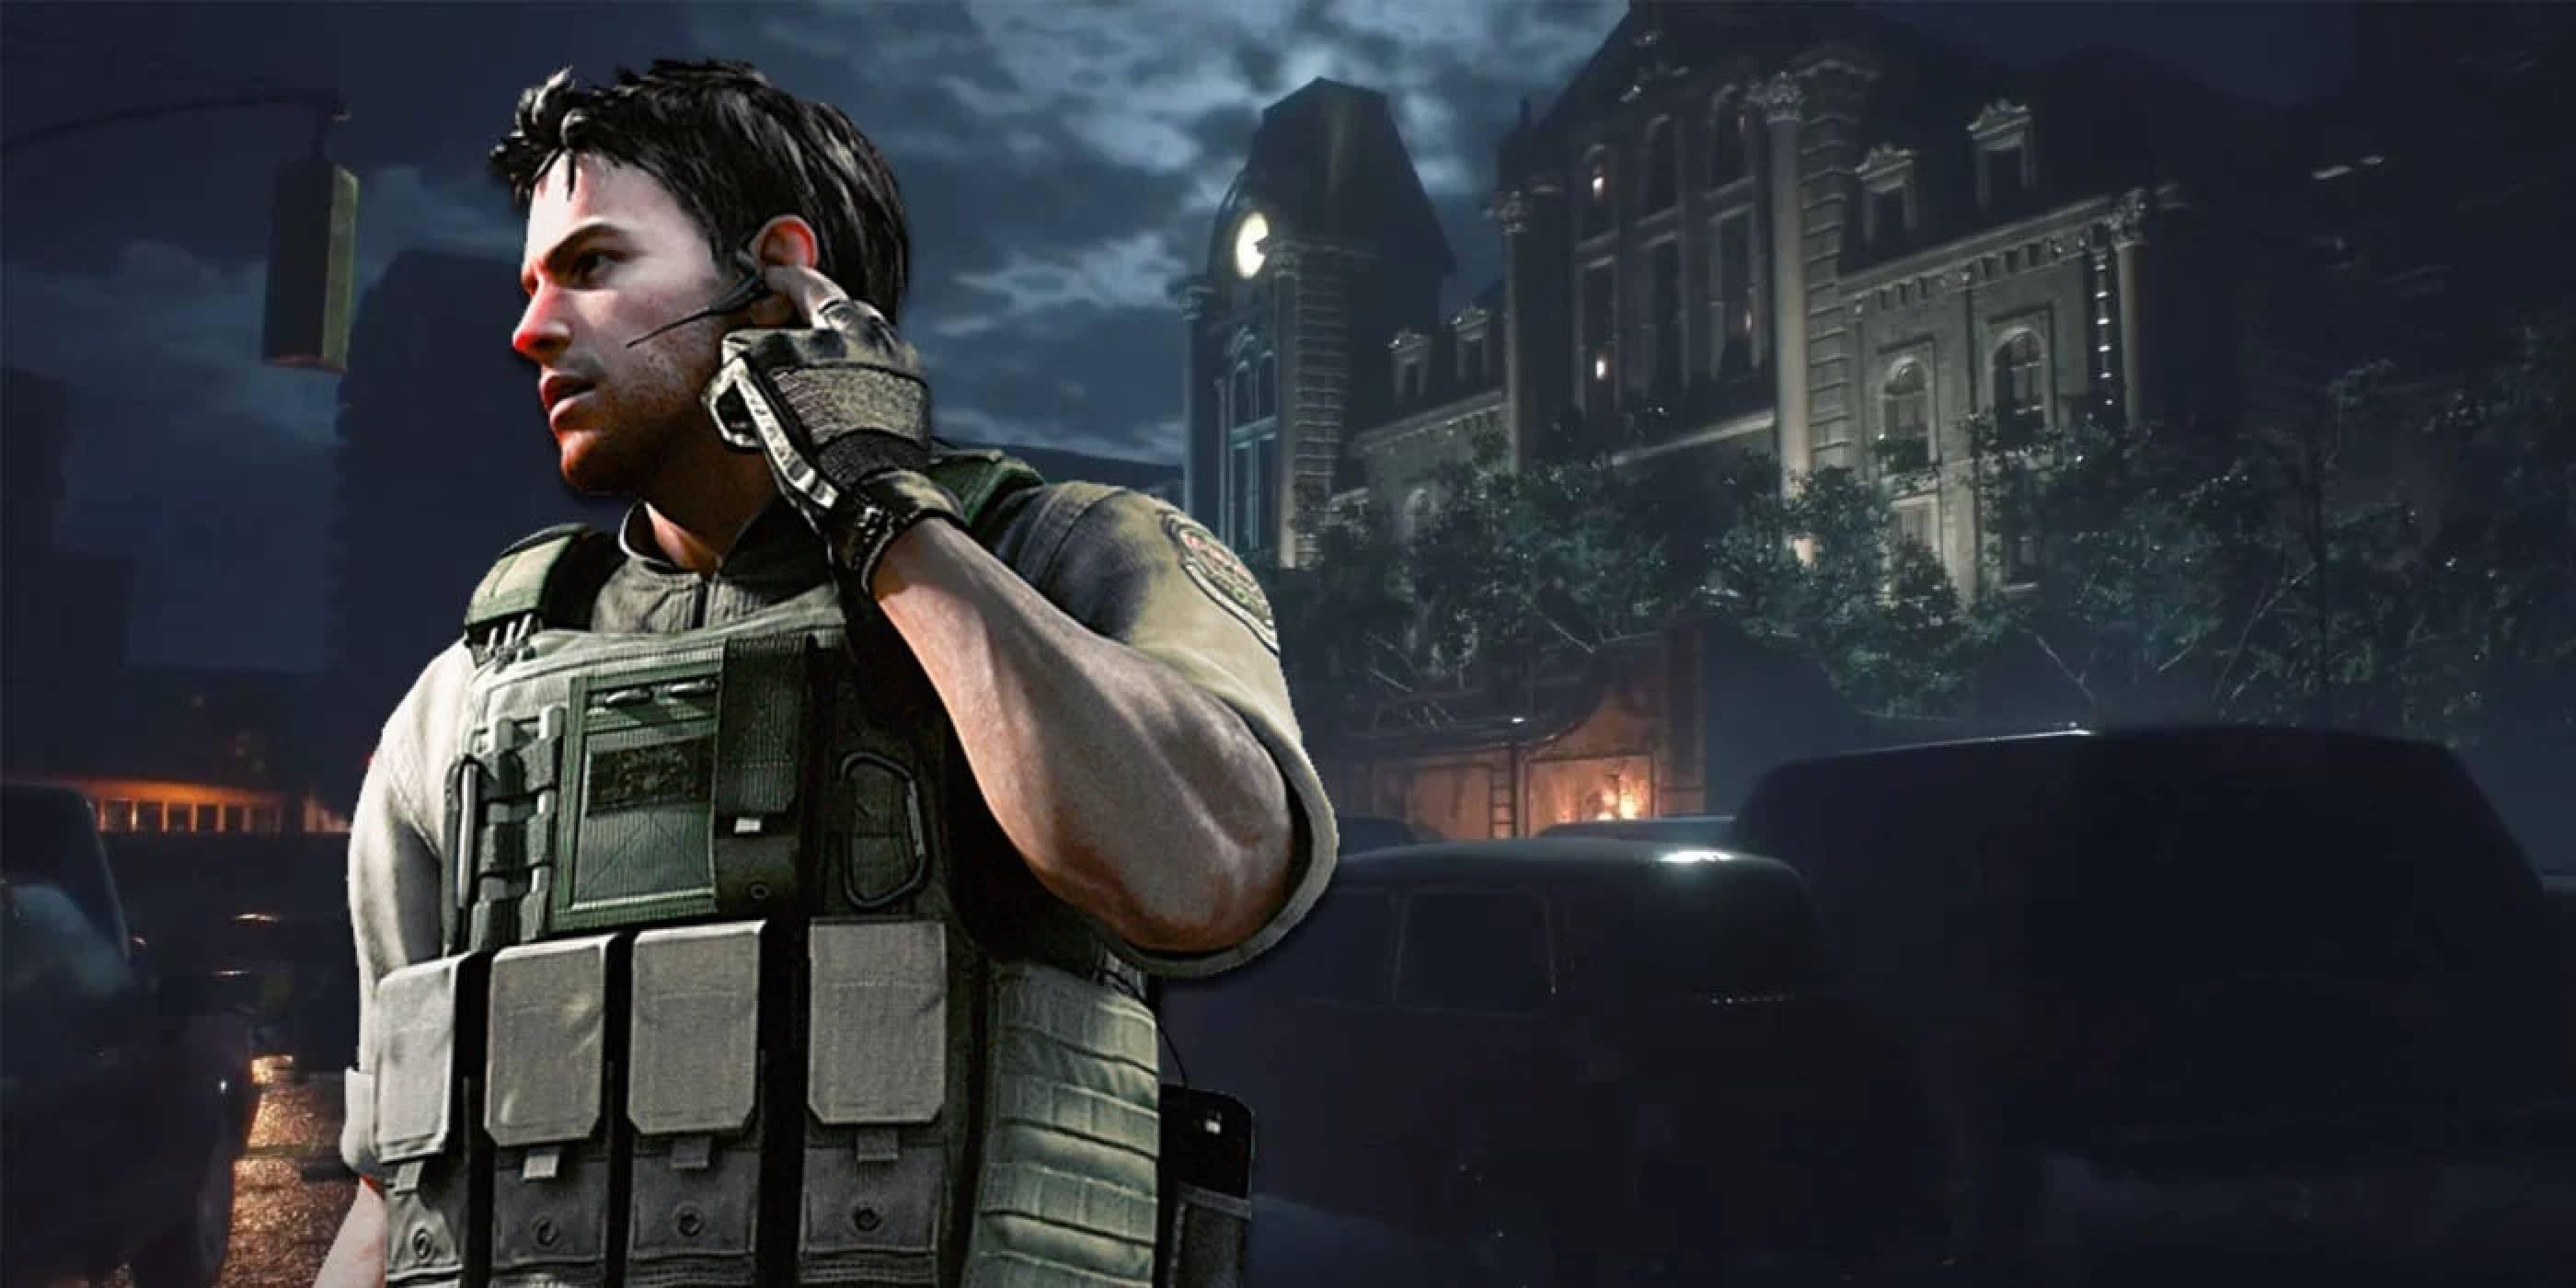 Първи подробности за Resident Evil 8: какво ново и какво старо